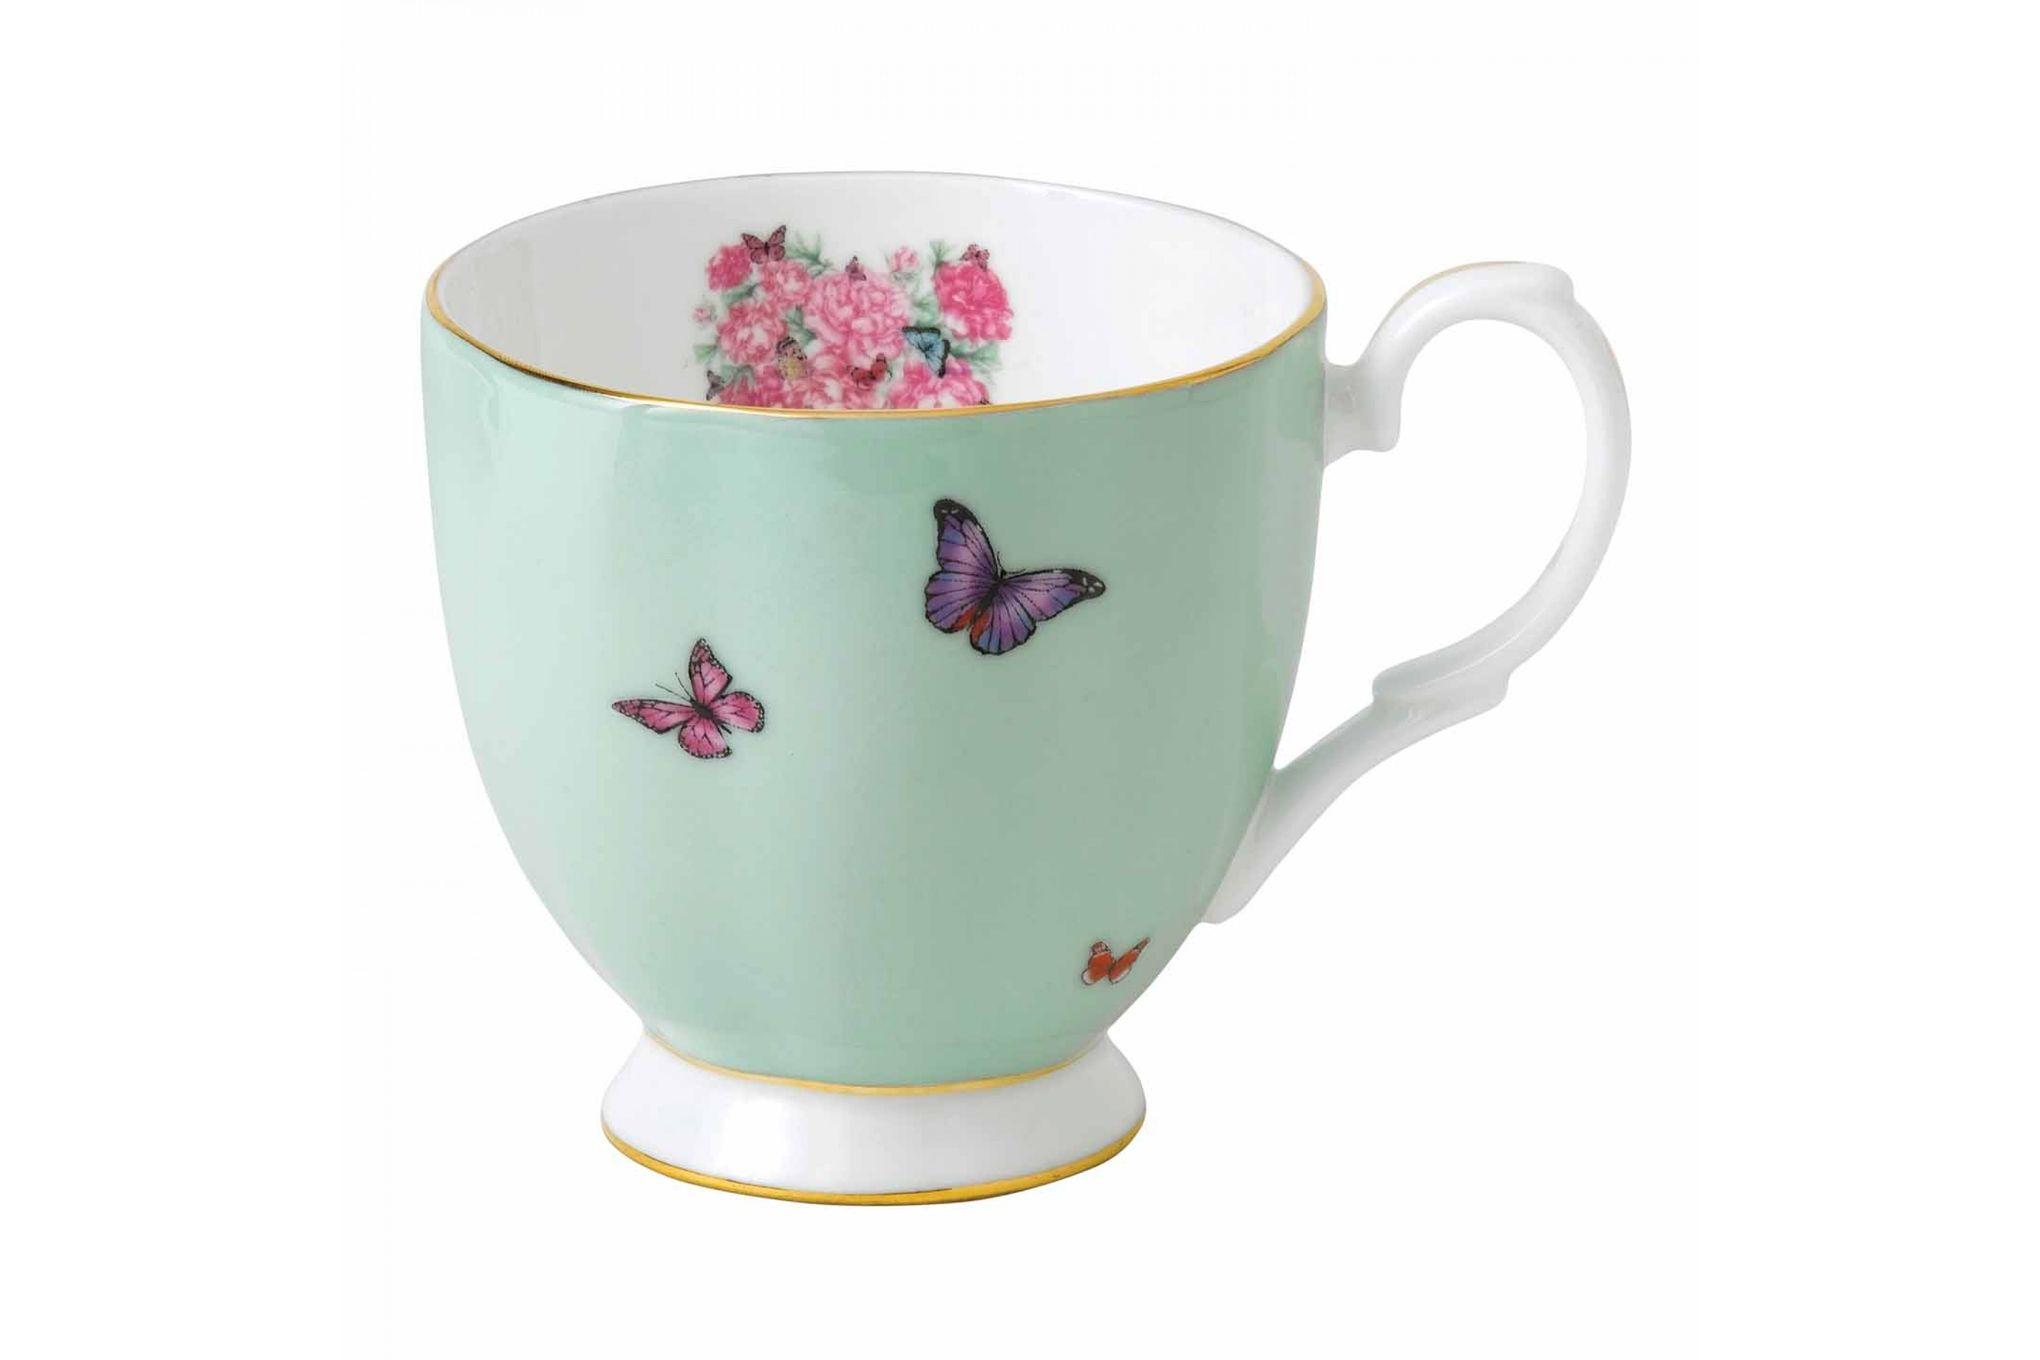 Miranda Kerr for Royal Albert Blessings Mug 0.3l thumb 1